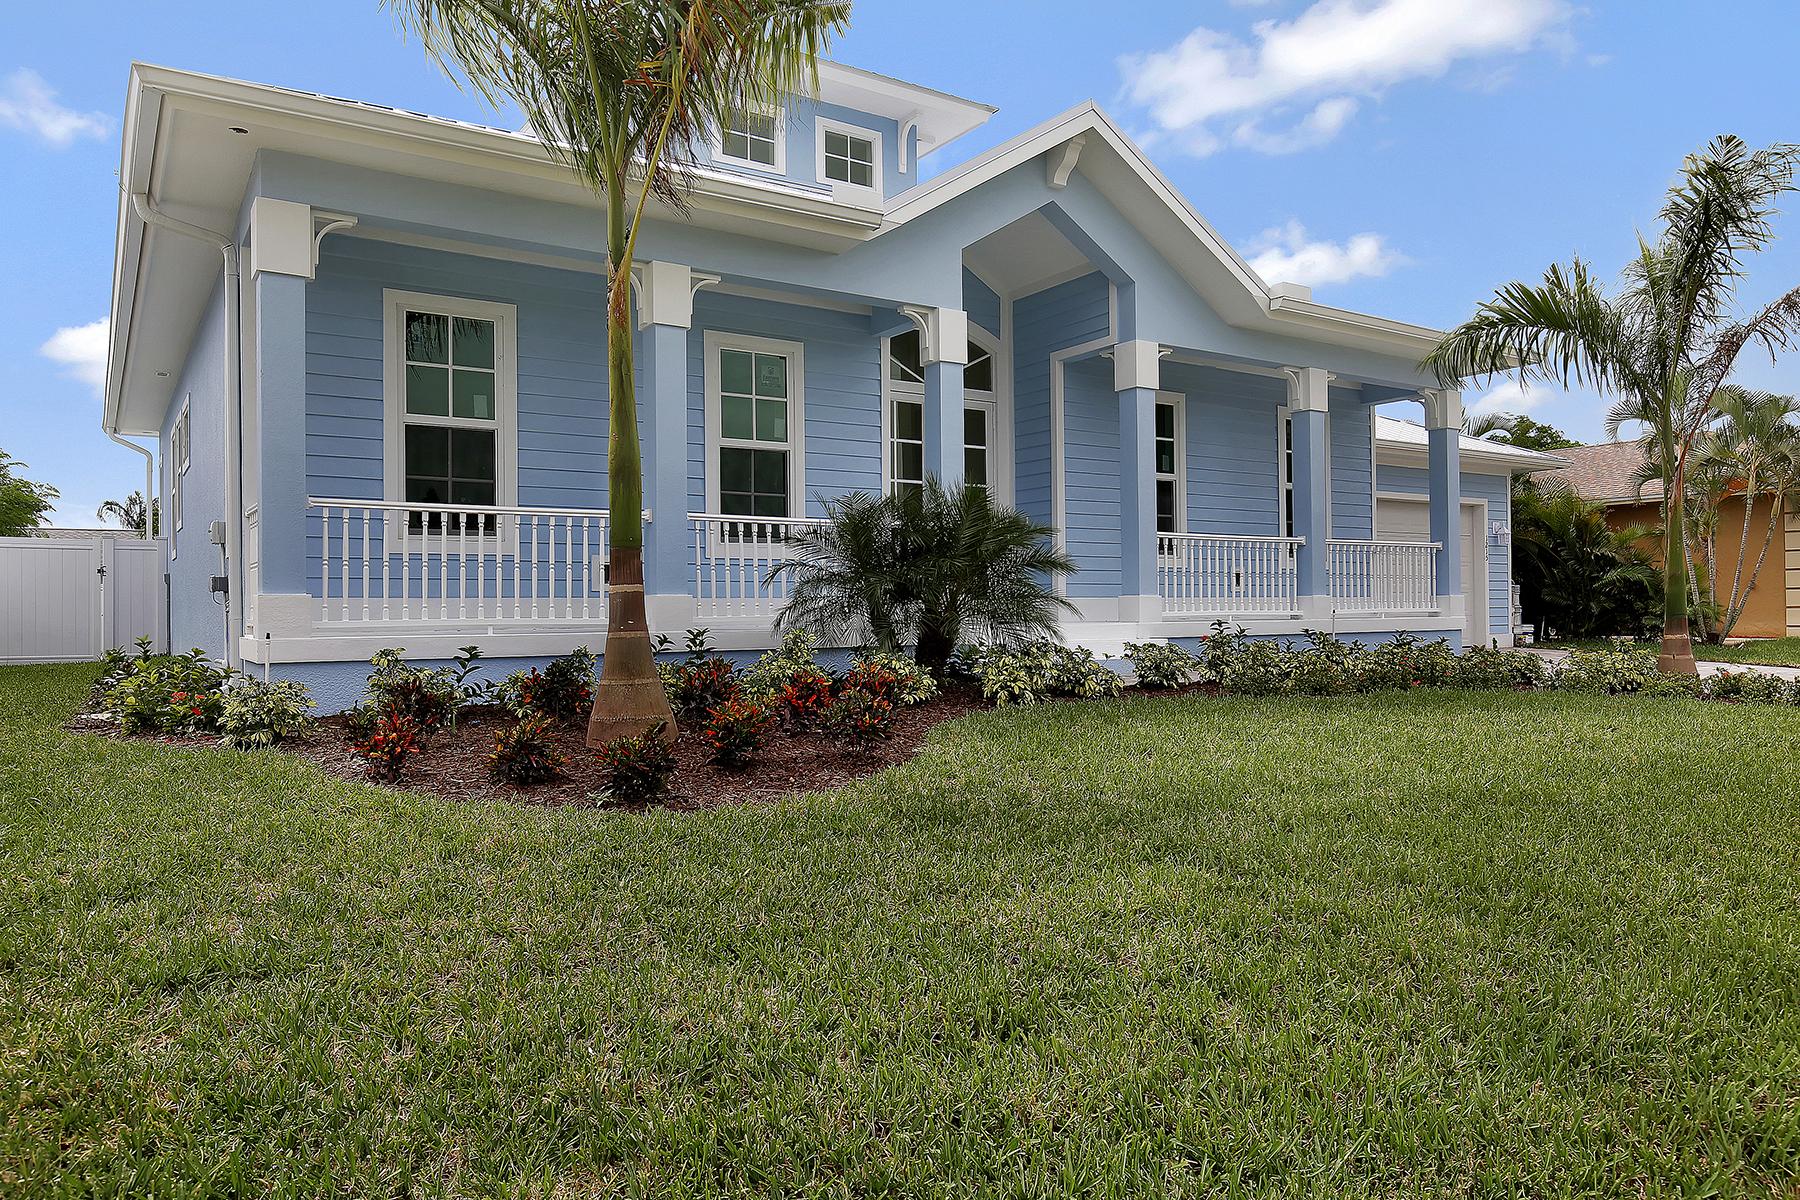 Nhà ở một gia đình vì Bán tại MARCO ISLAN D- 6TH AVENUE 1215 6th Ave Marco Island, Florida 34145 Hoa Kỳ